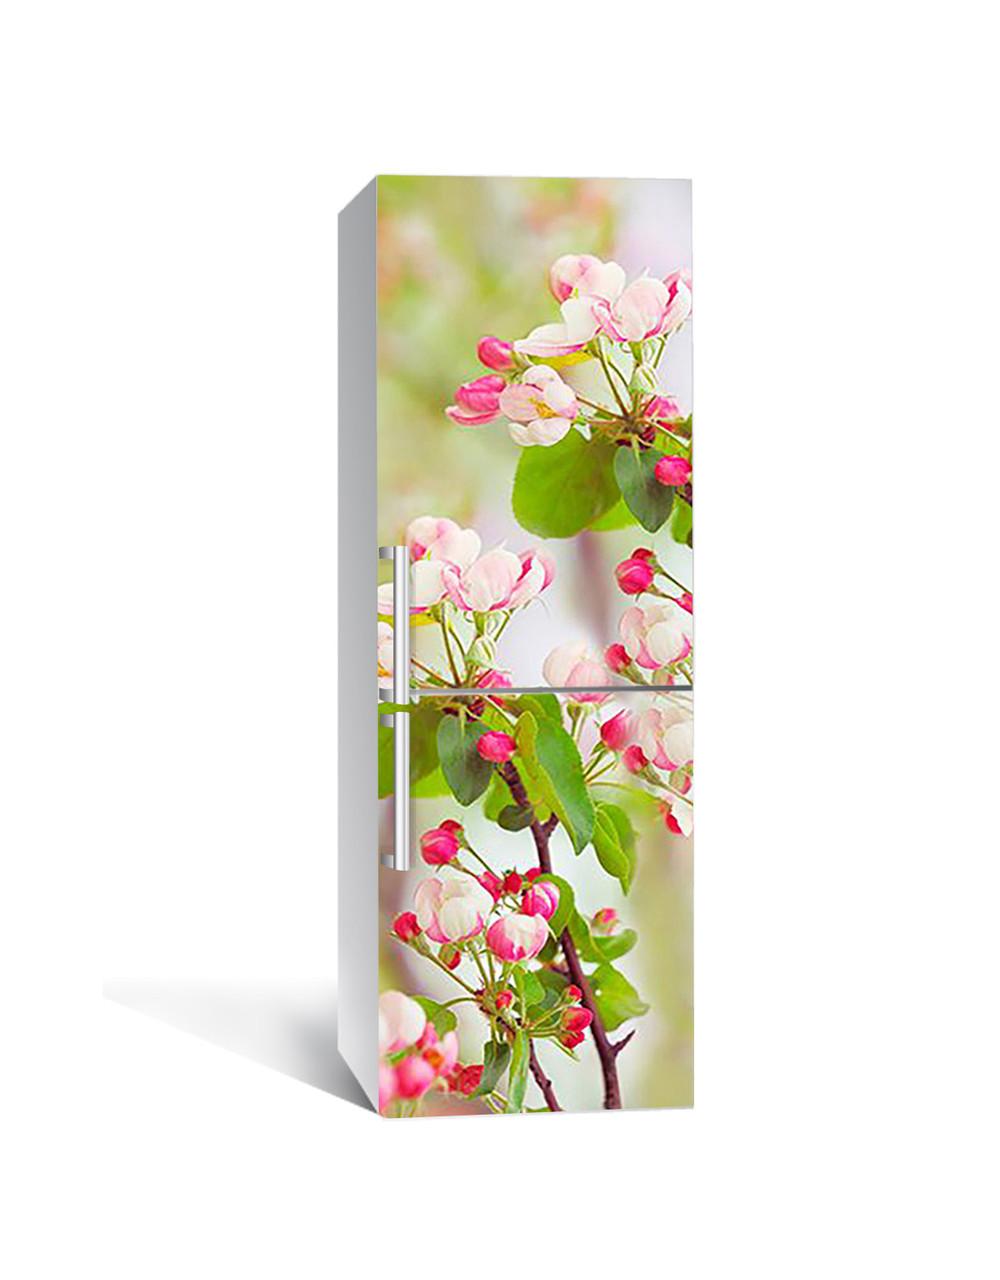 Интерьерная наклейка на холодильник Розовые Цветы вишни виниловая пленка ламинированная ПВХ вишневые Зеленый